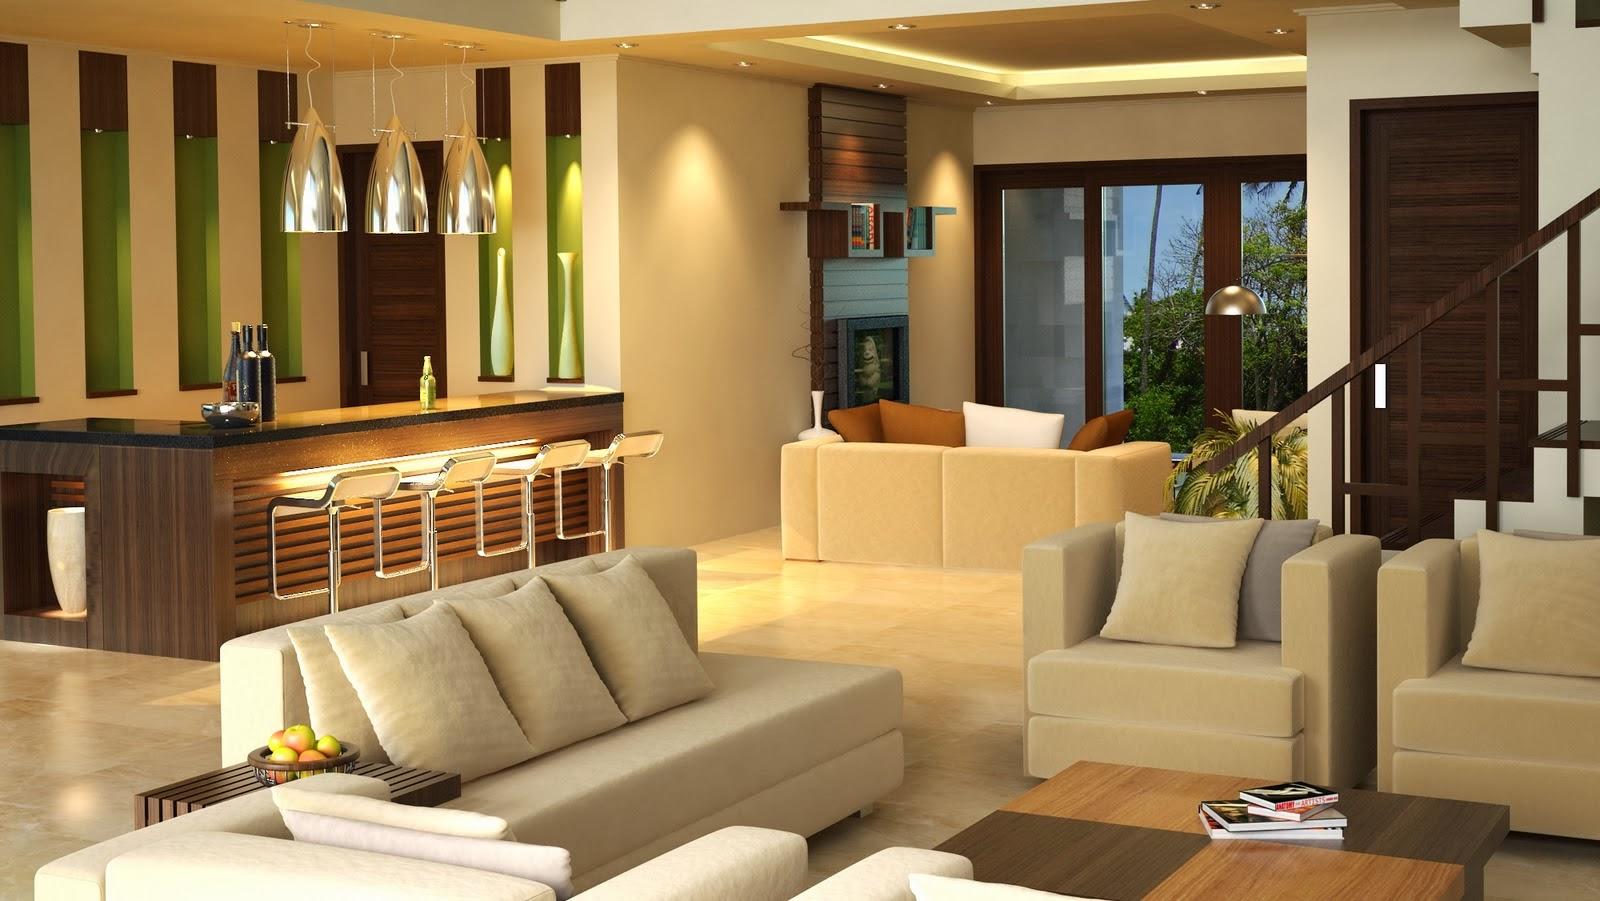 Desain+Interior+Ruang+Tamu+Minimalis+Rumah+Sederhana